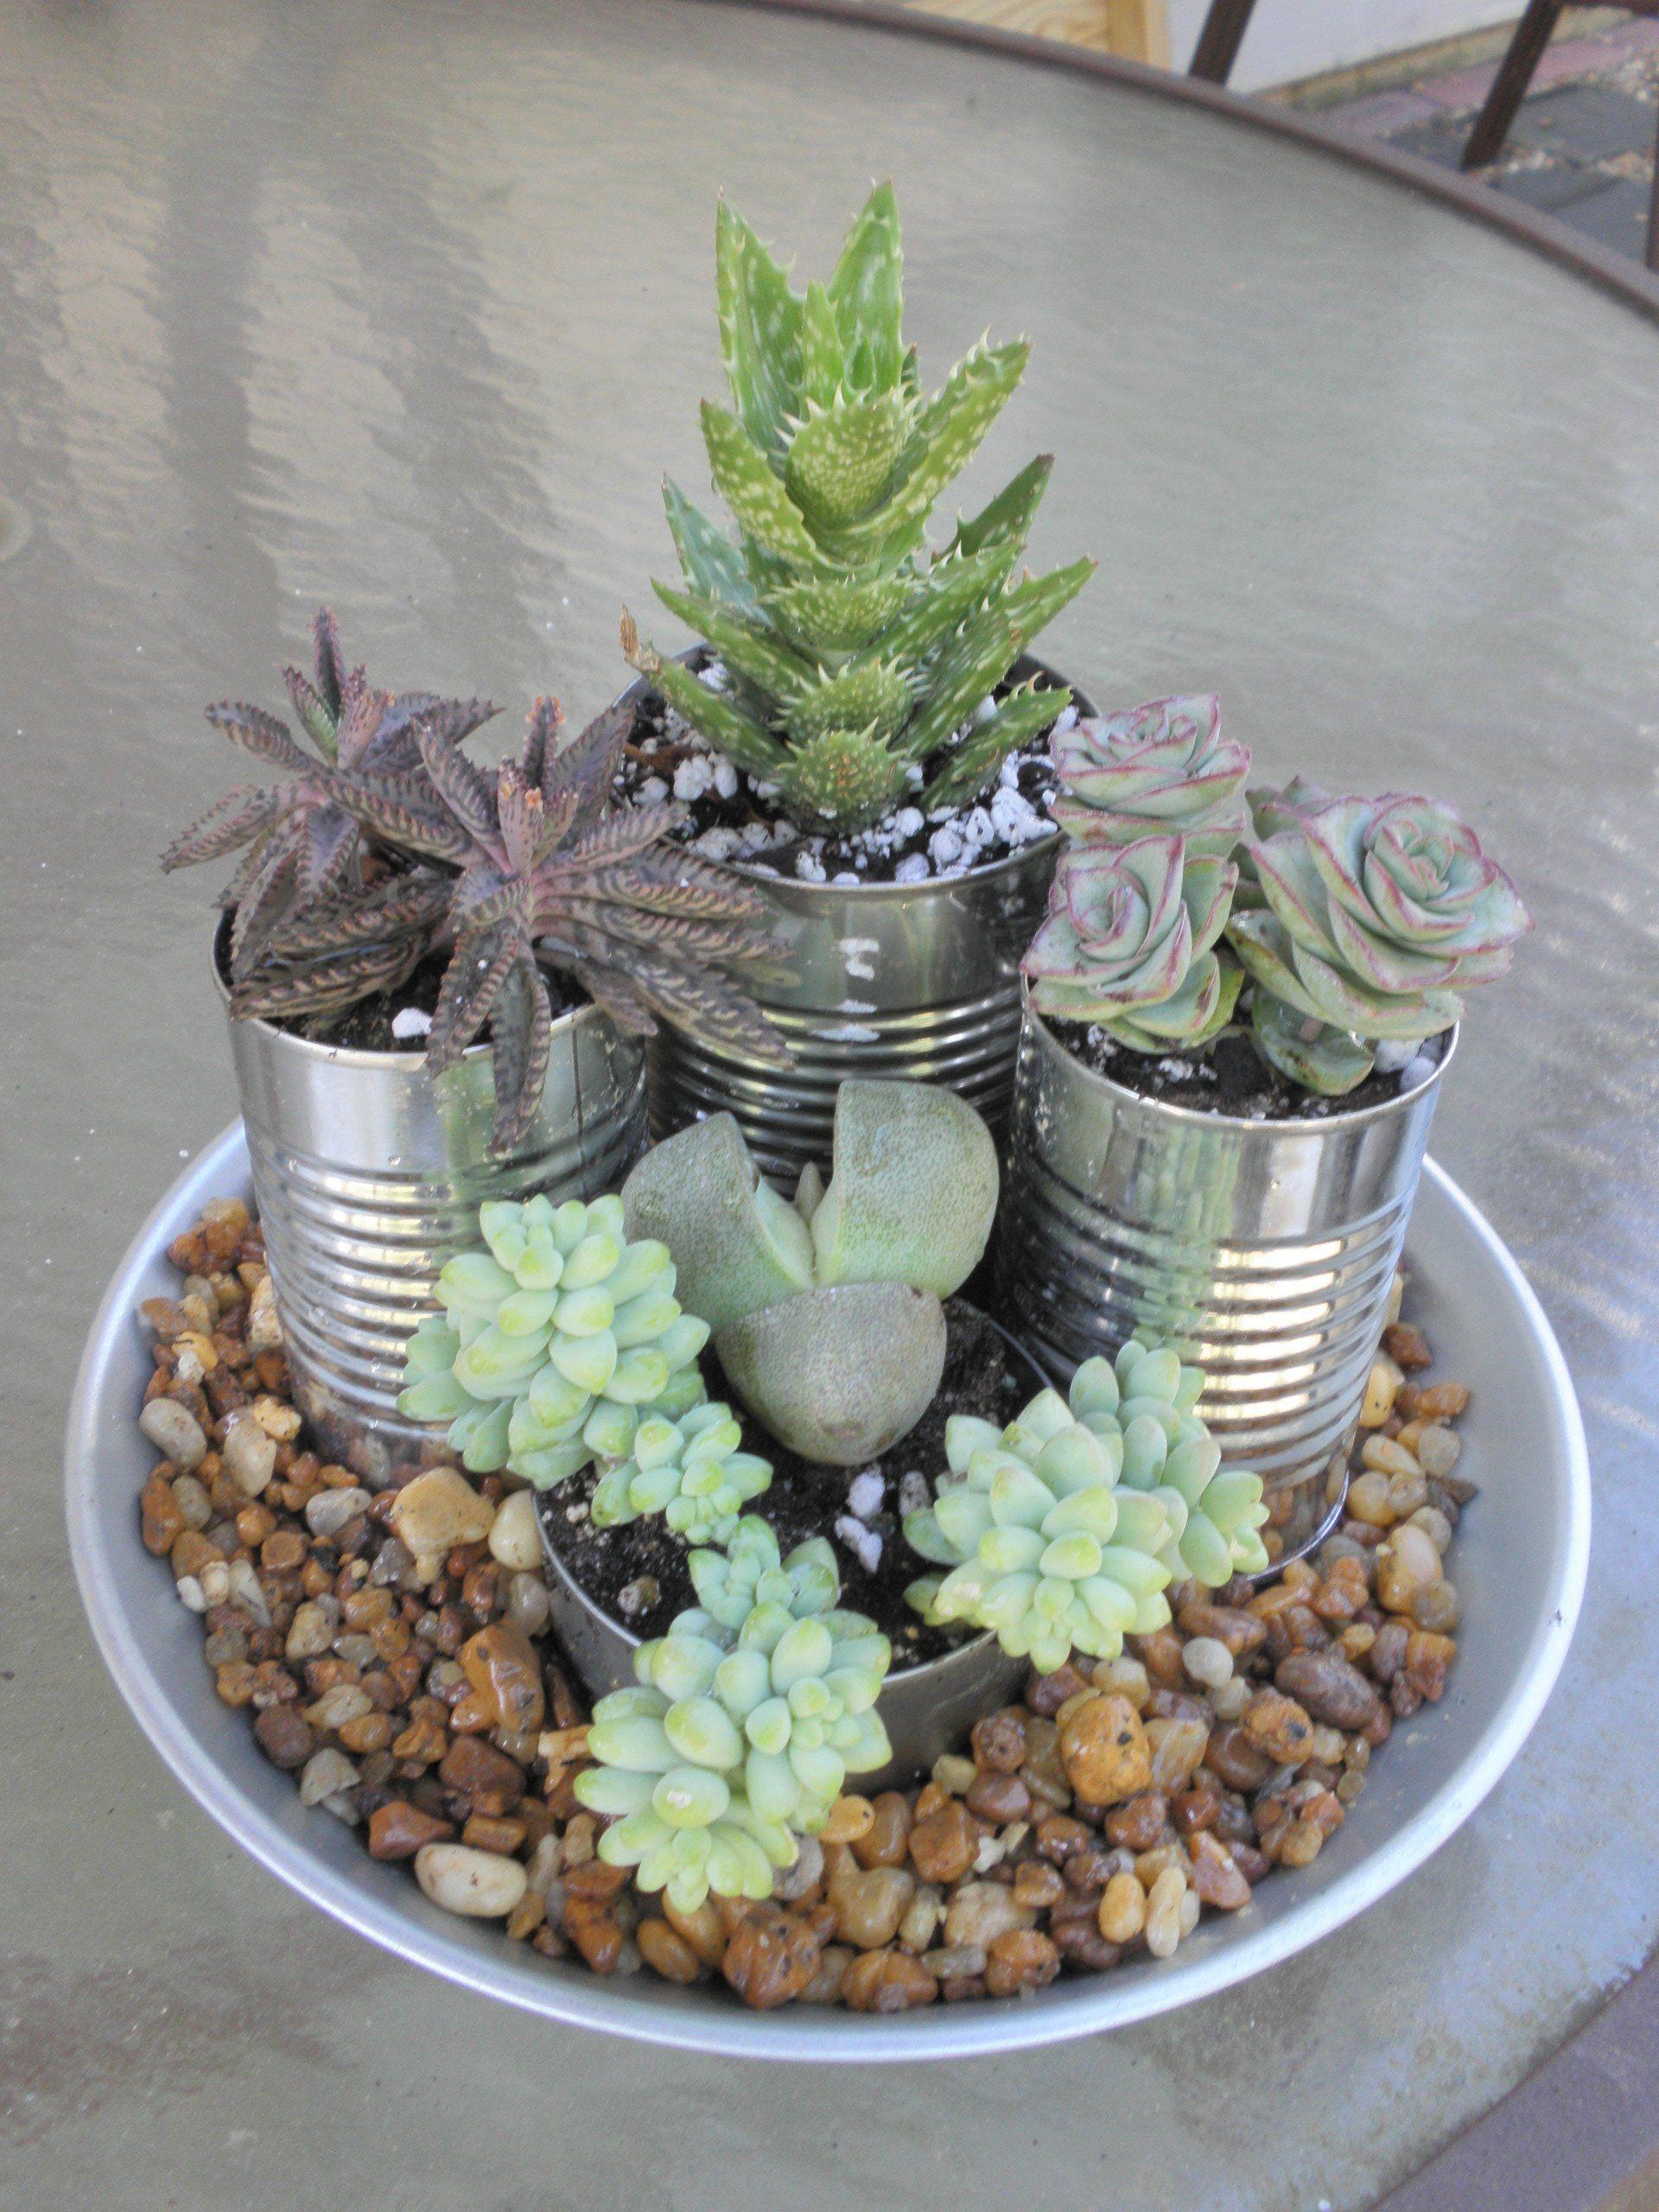 Succulent Garden: Succulents in cans for an indoor plate garden